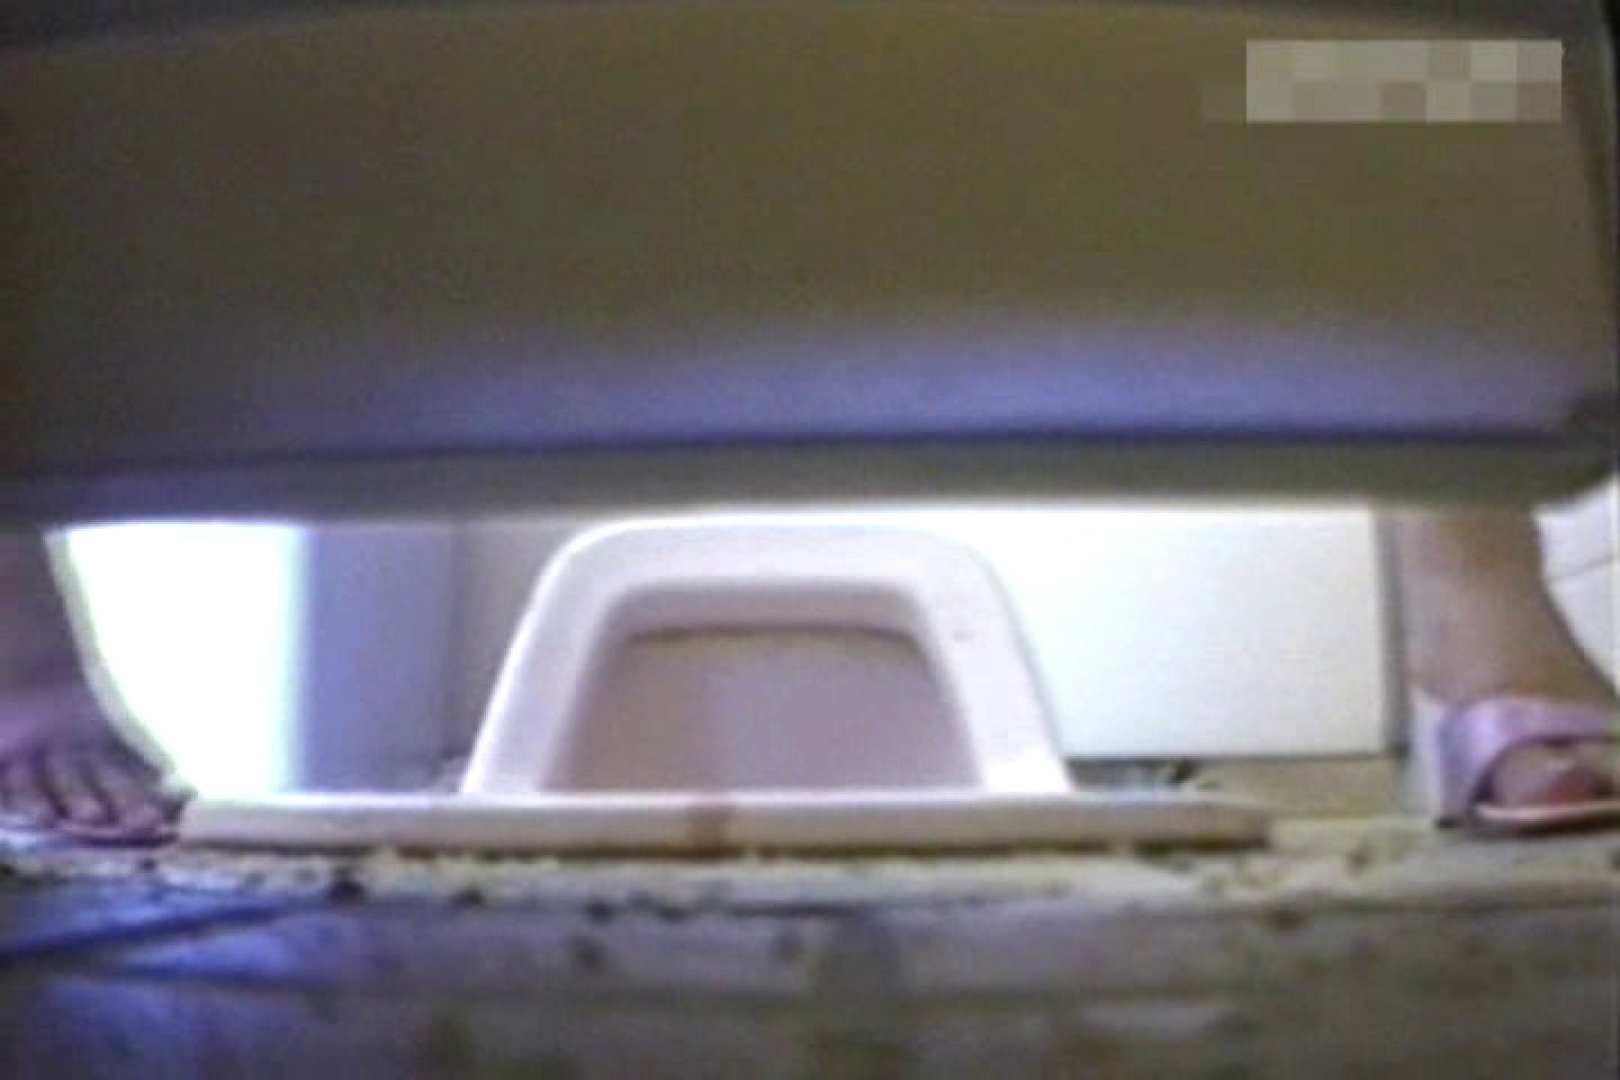 個室狂いのマニア映像Vol.2 OLヌード天国  77PIX 48